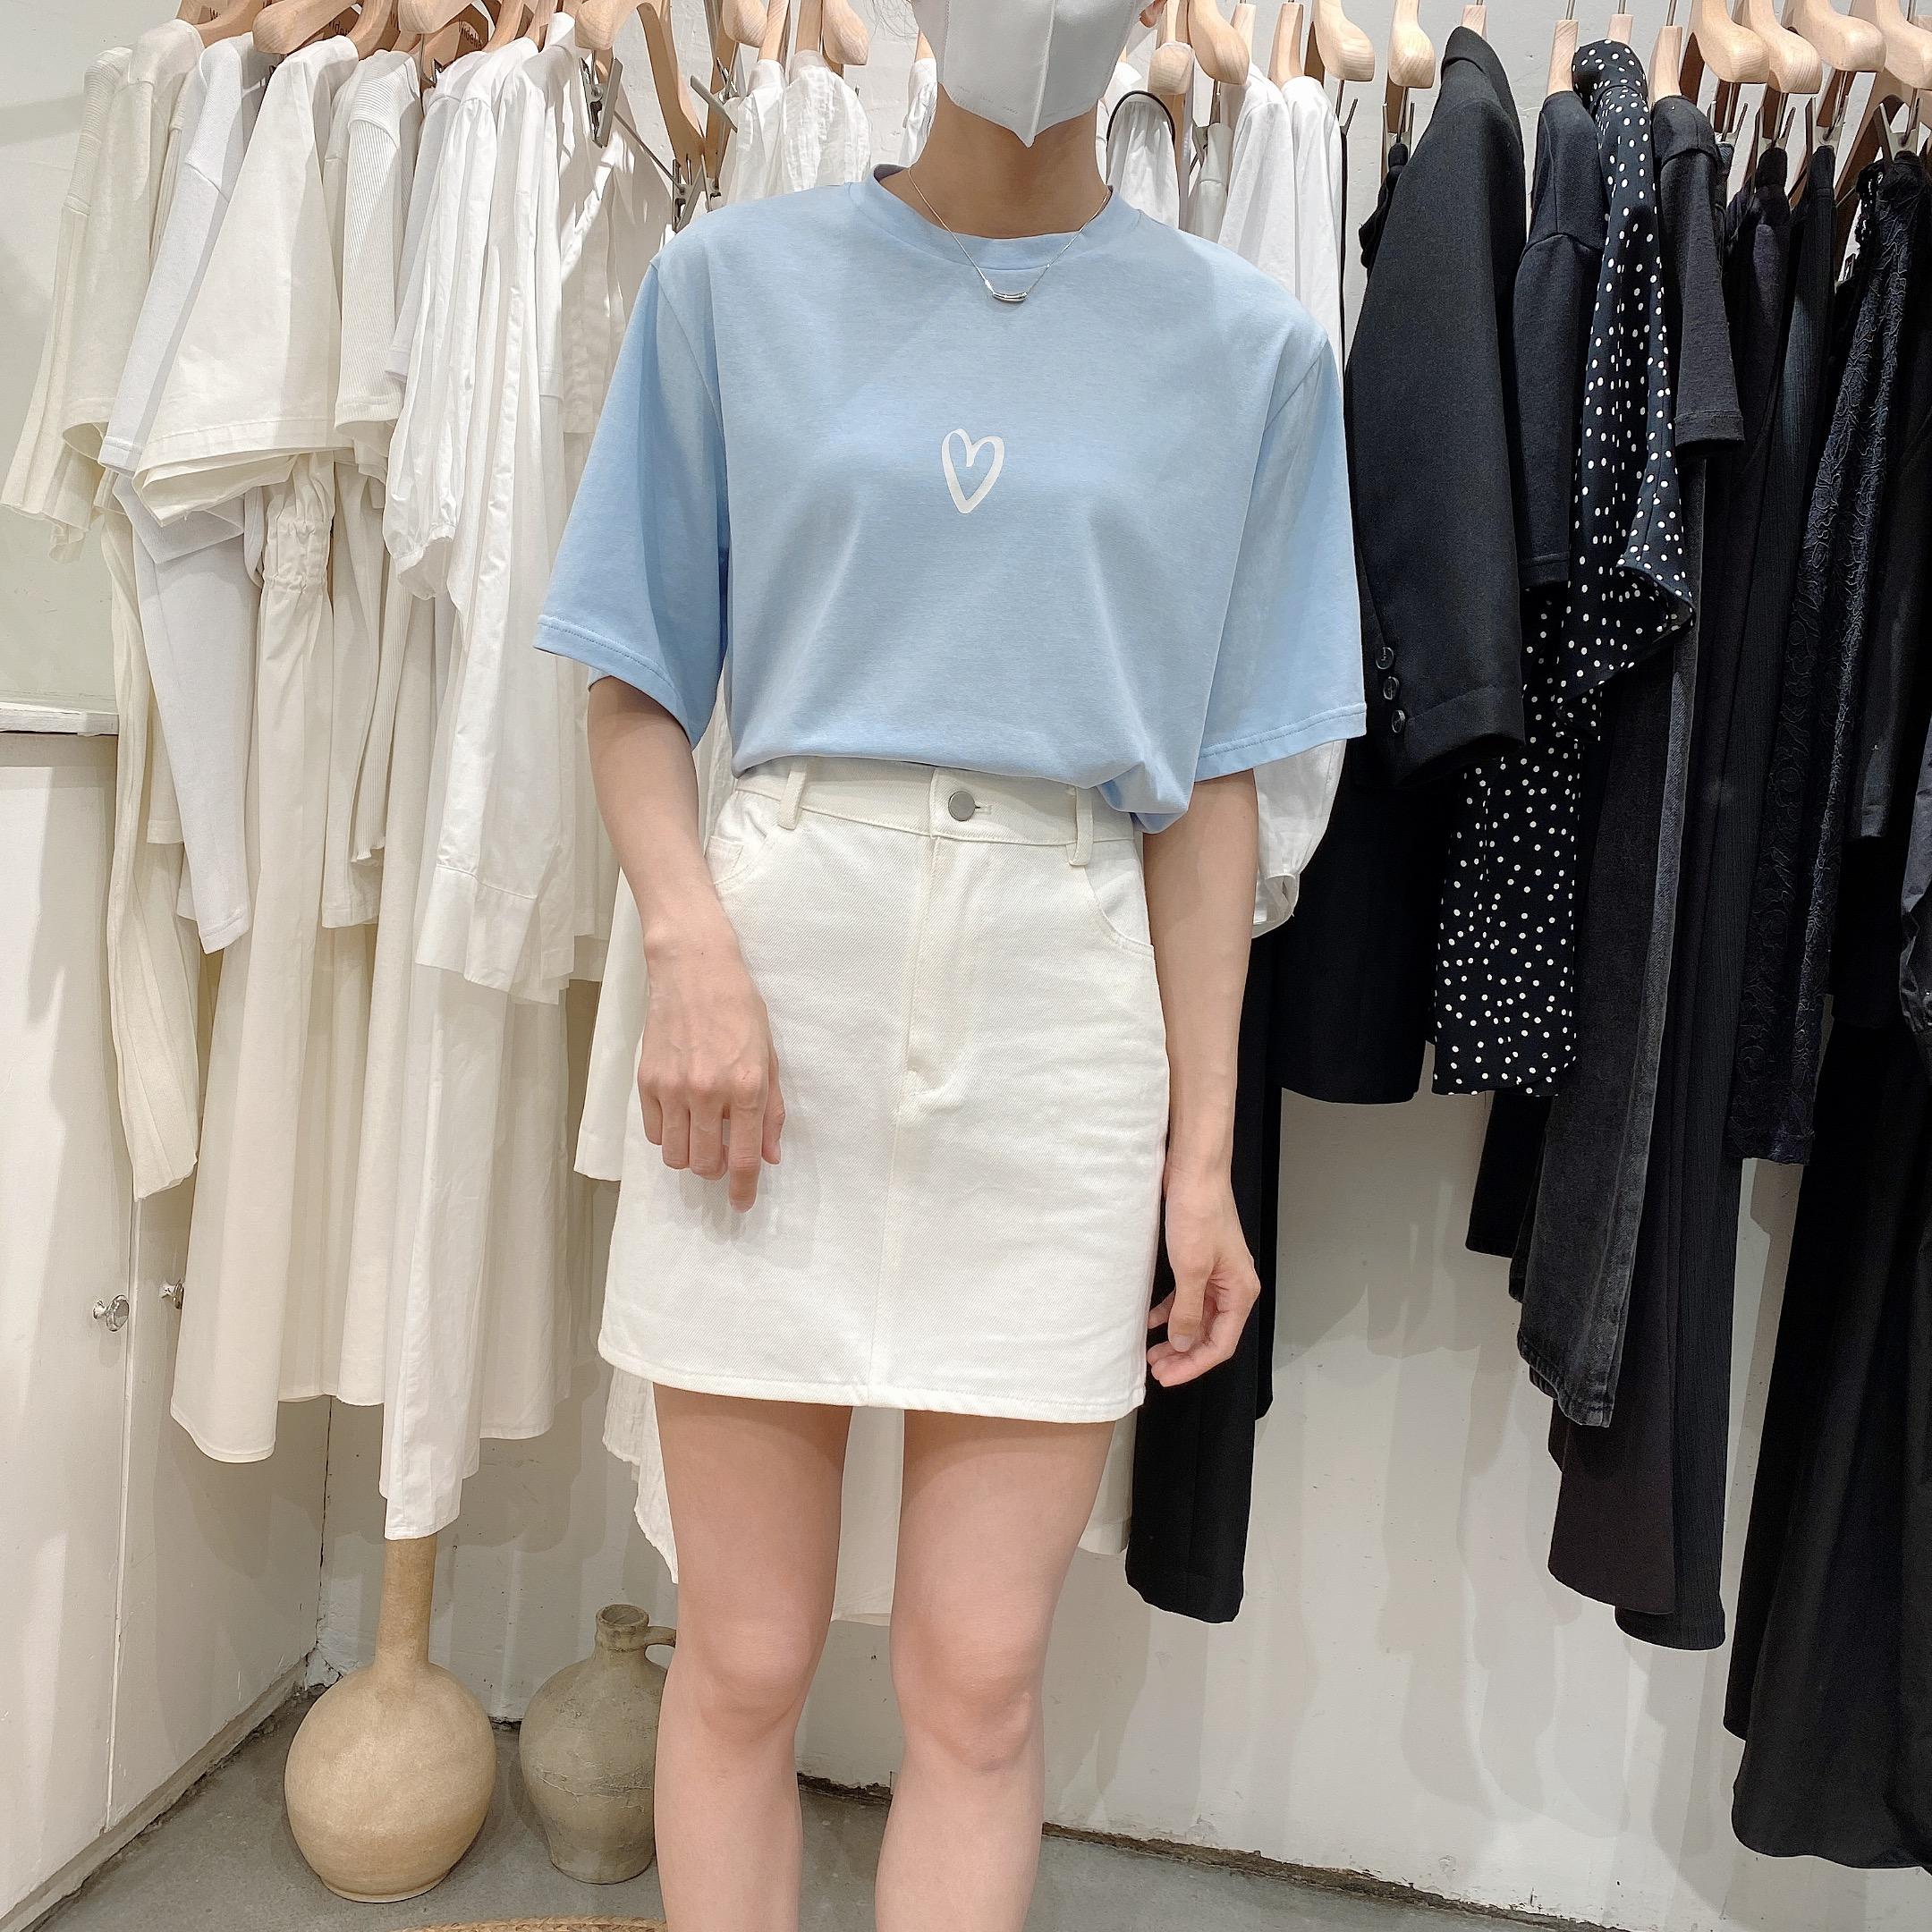 widelia 2020年夏季新款安心小打底短袖女装简约T恤网红款830520